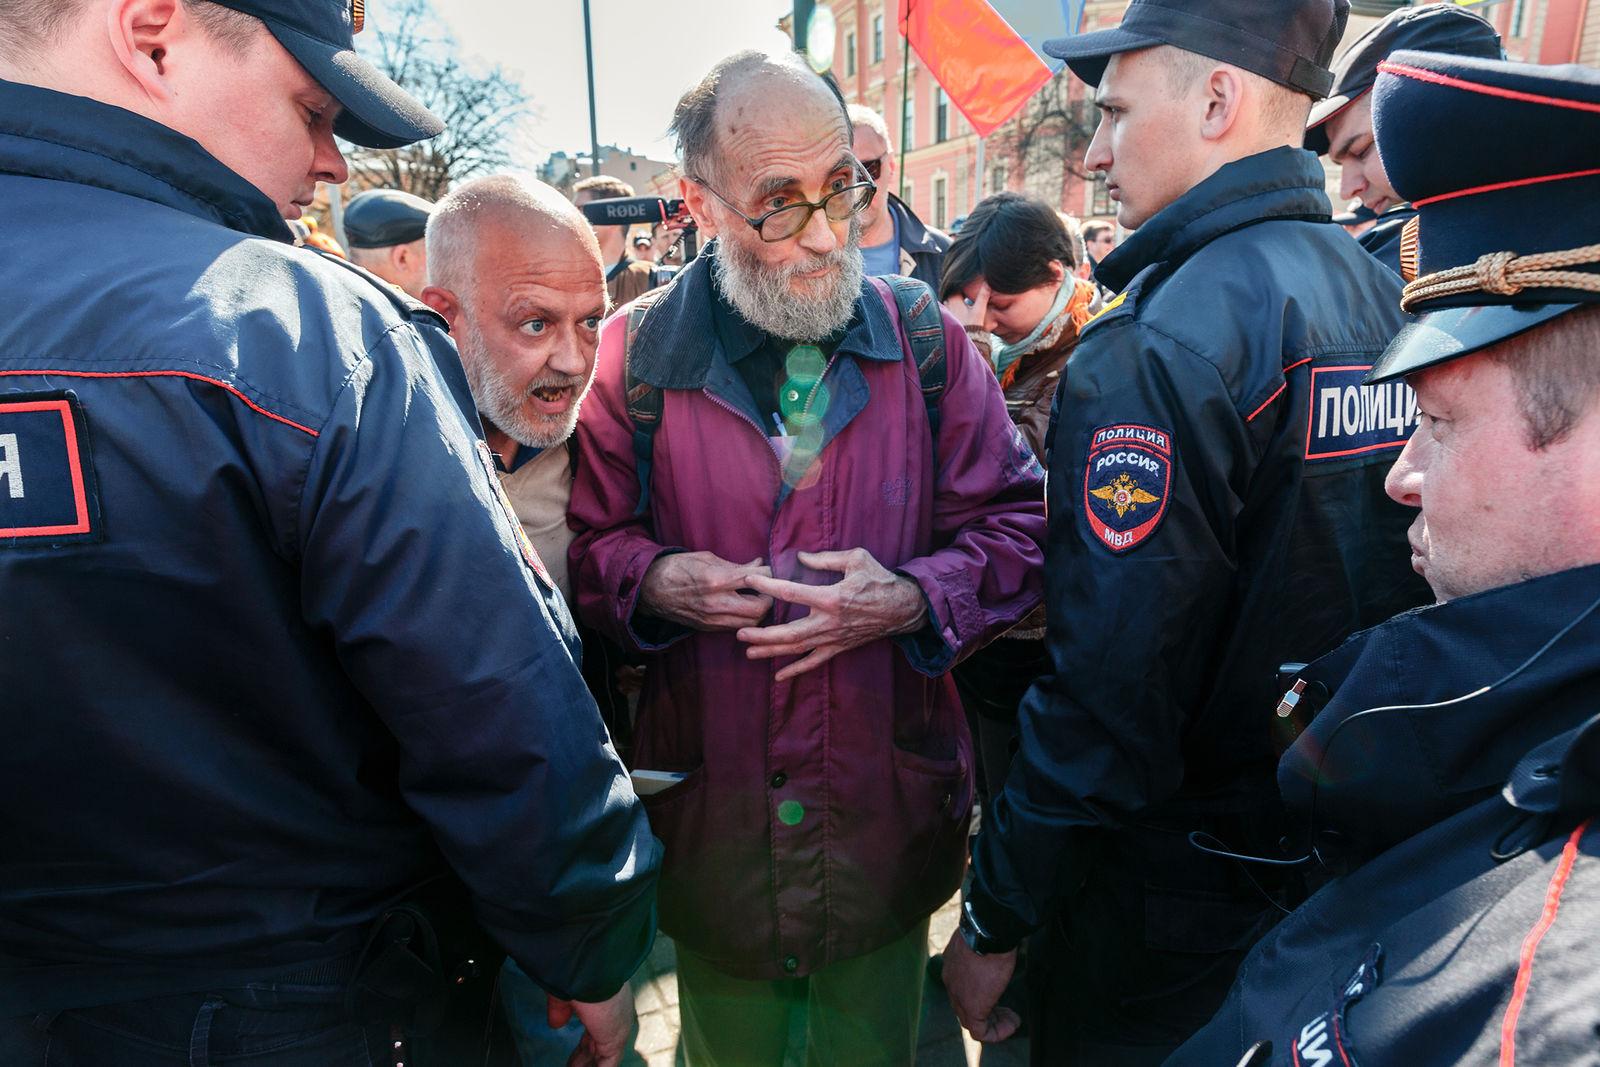 Антон Мальков. Без названия